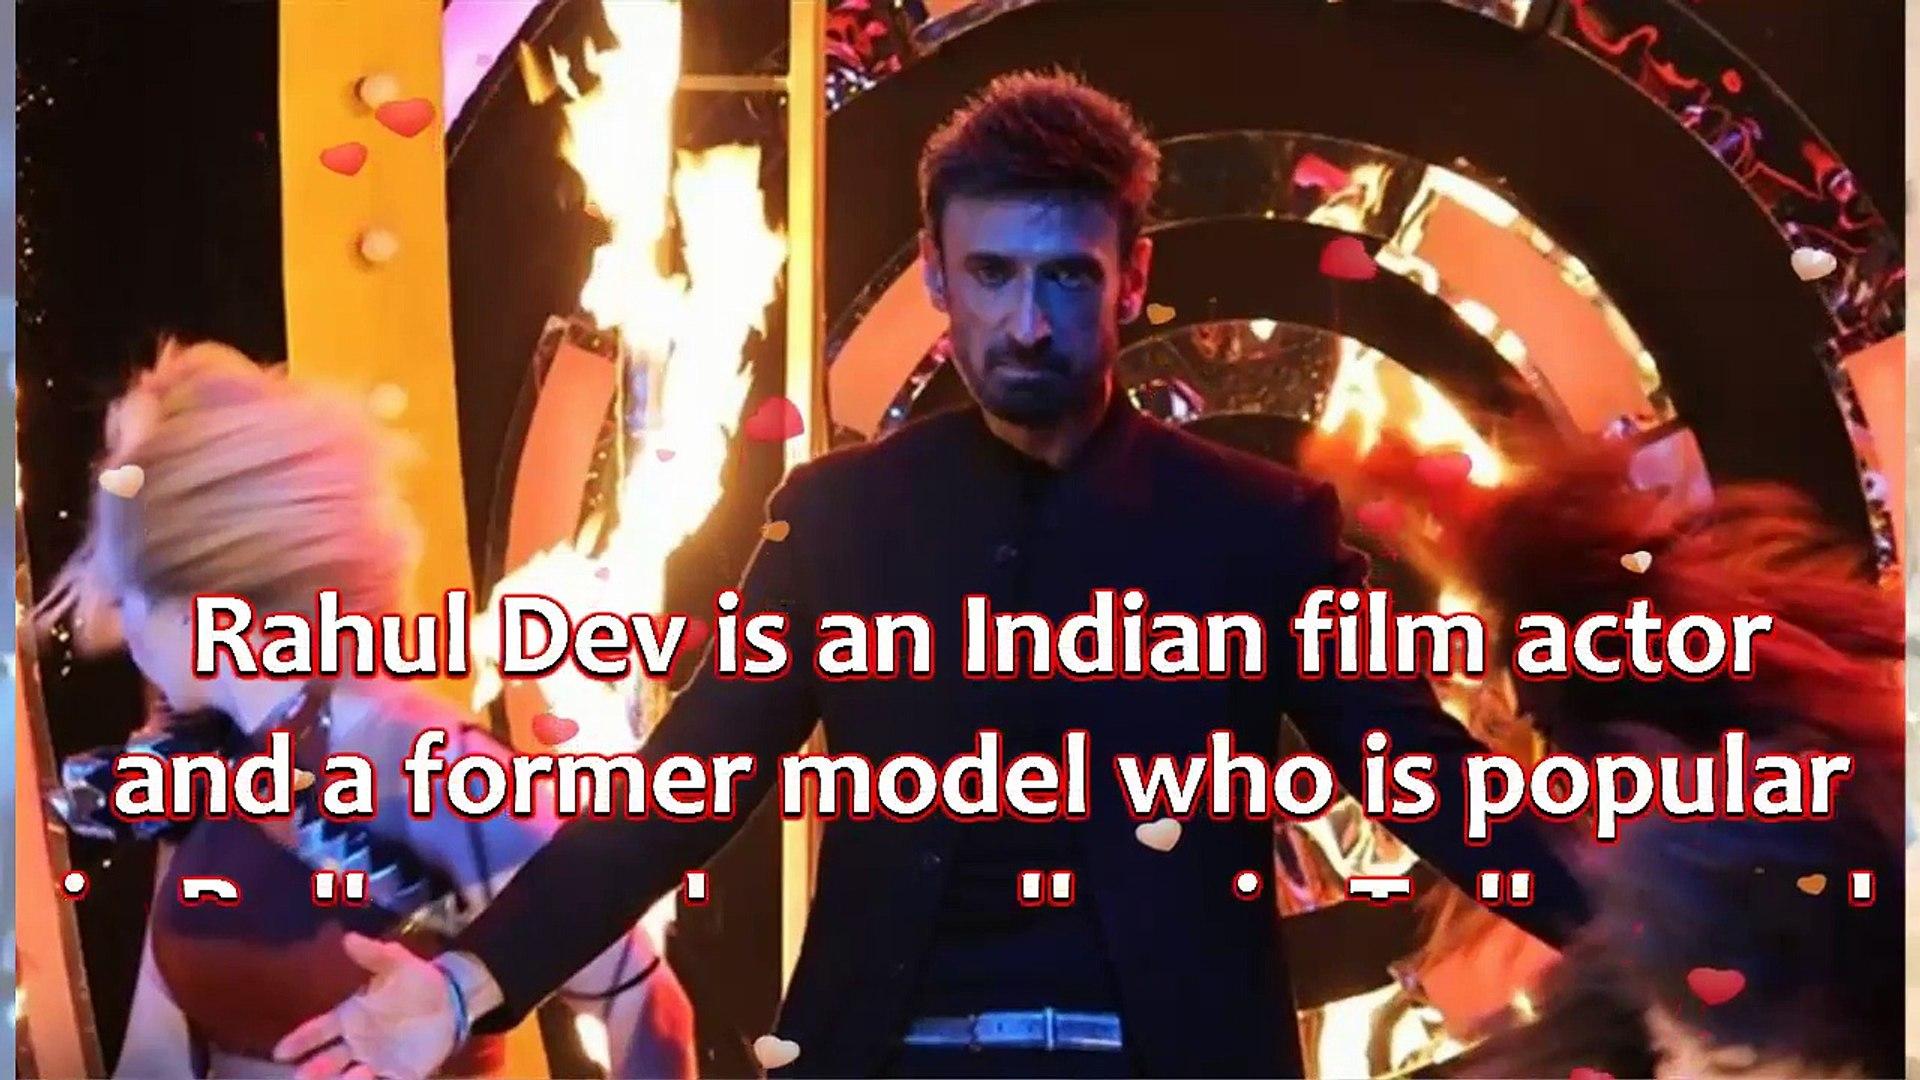 Rahul Dev in Bigg Boss 10 - Biography!